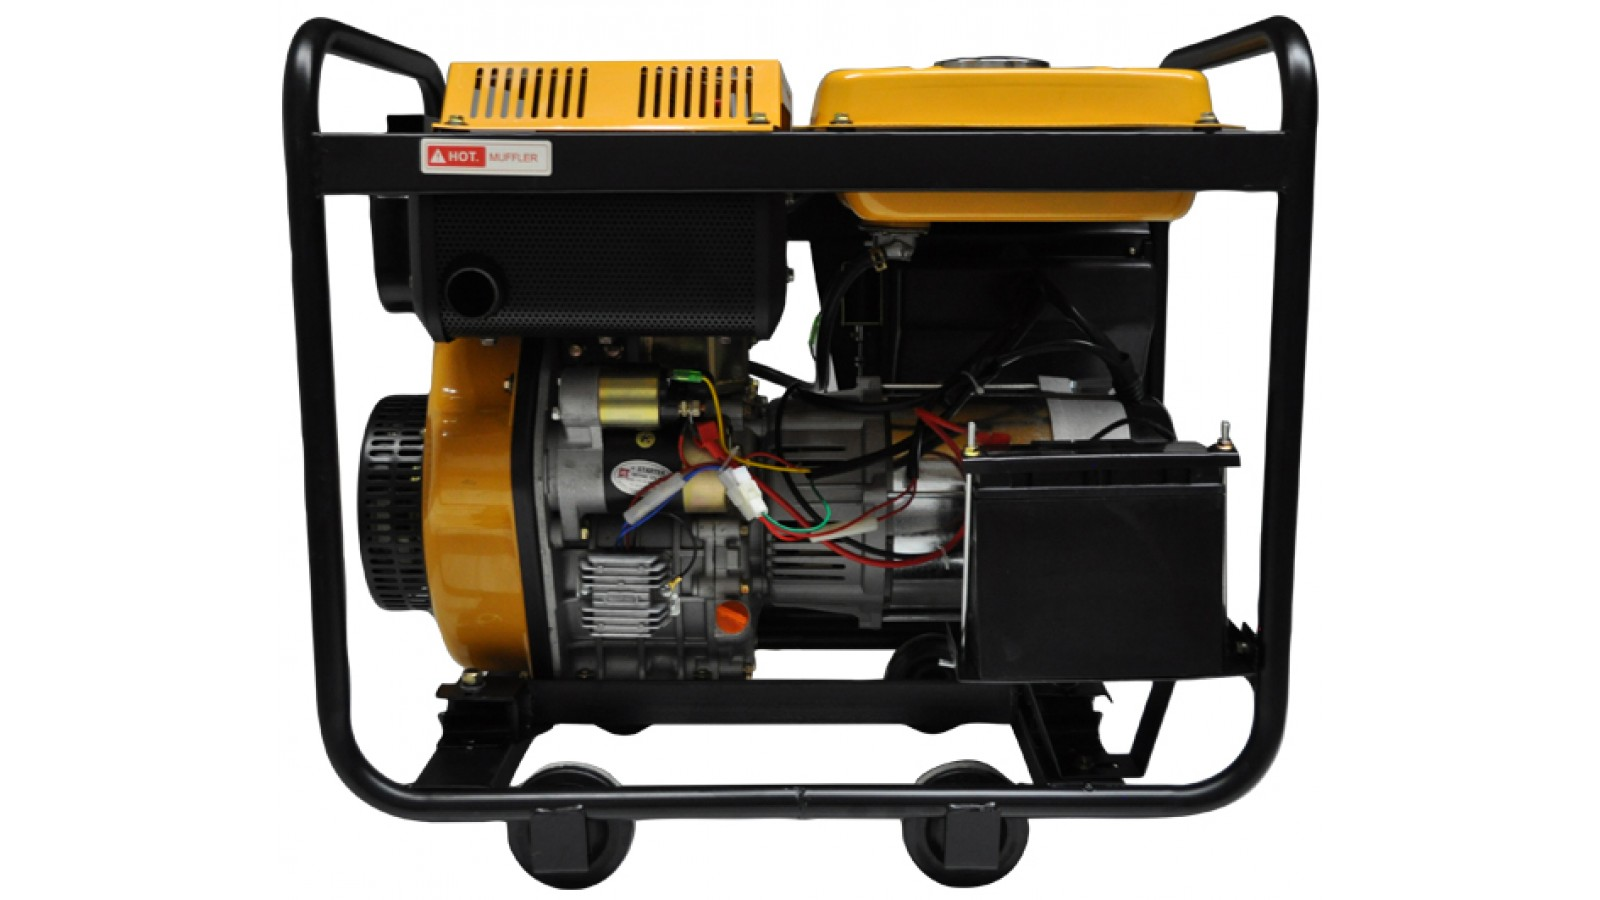 Generatore di corrente 6 kw diesel gruppo elettrogeno for Gruppo elettrogeno 3 kw avviamento automatico